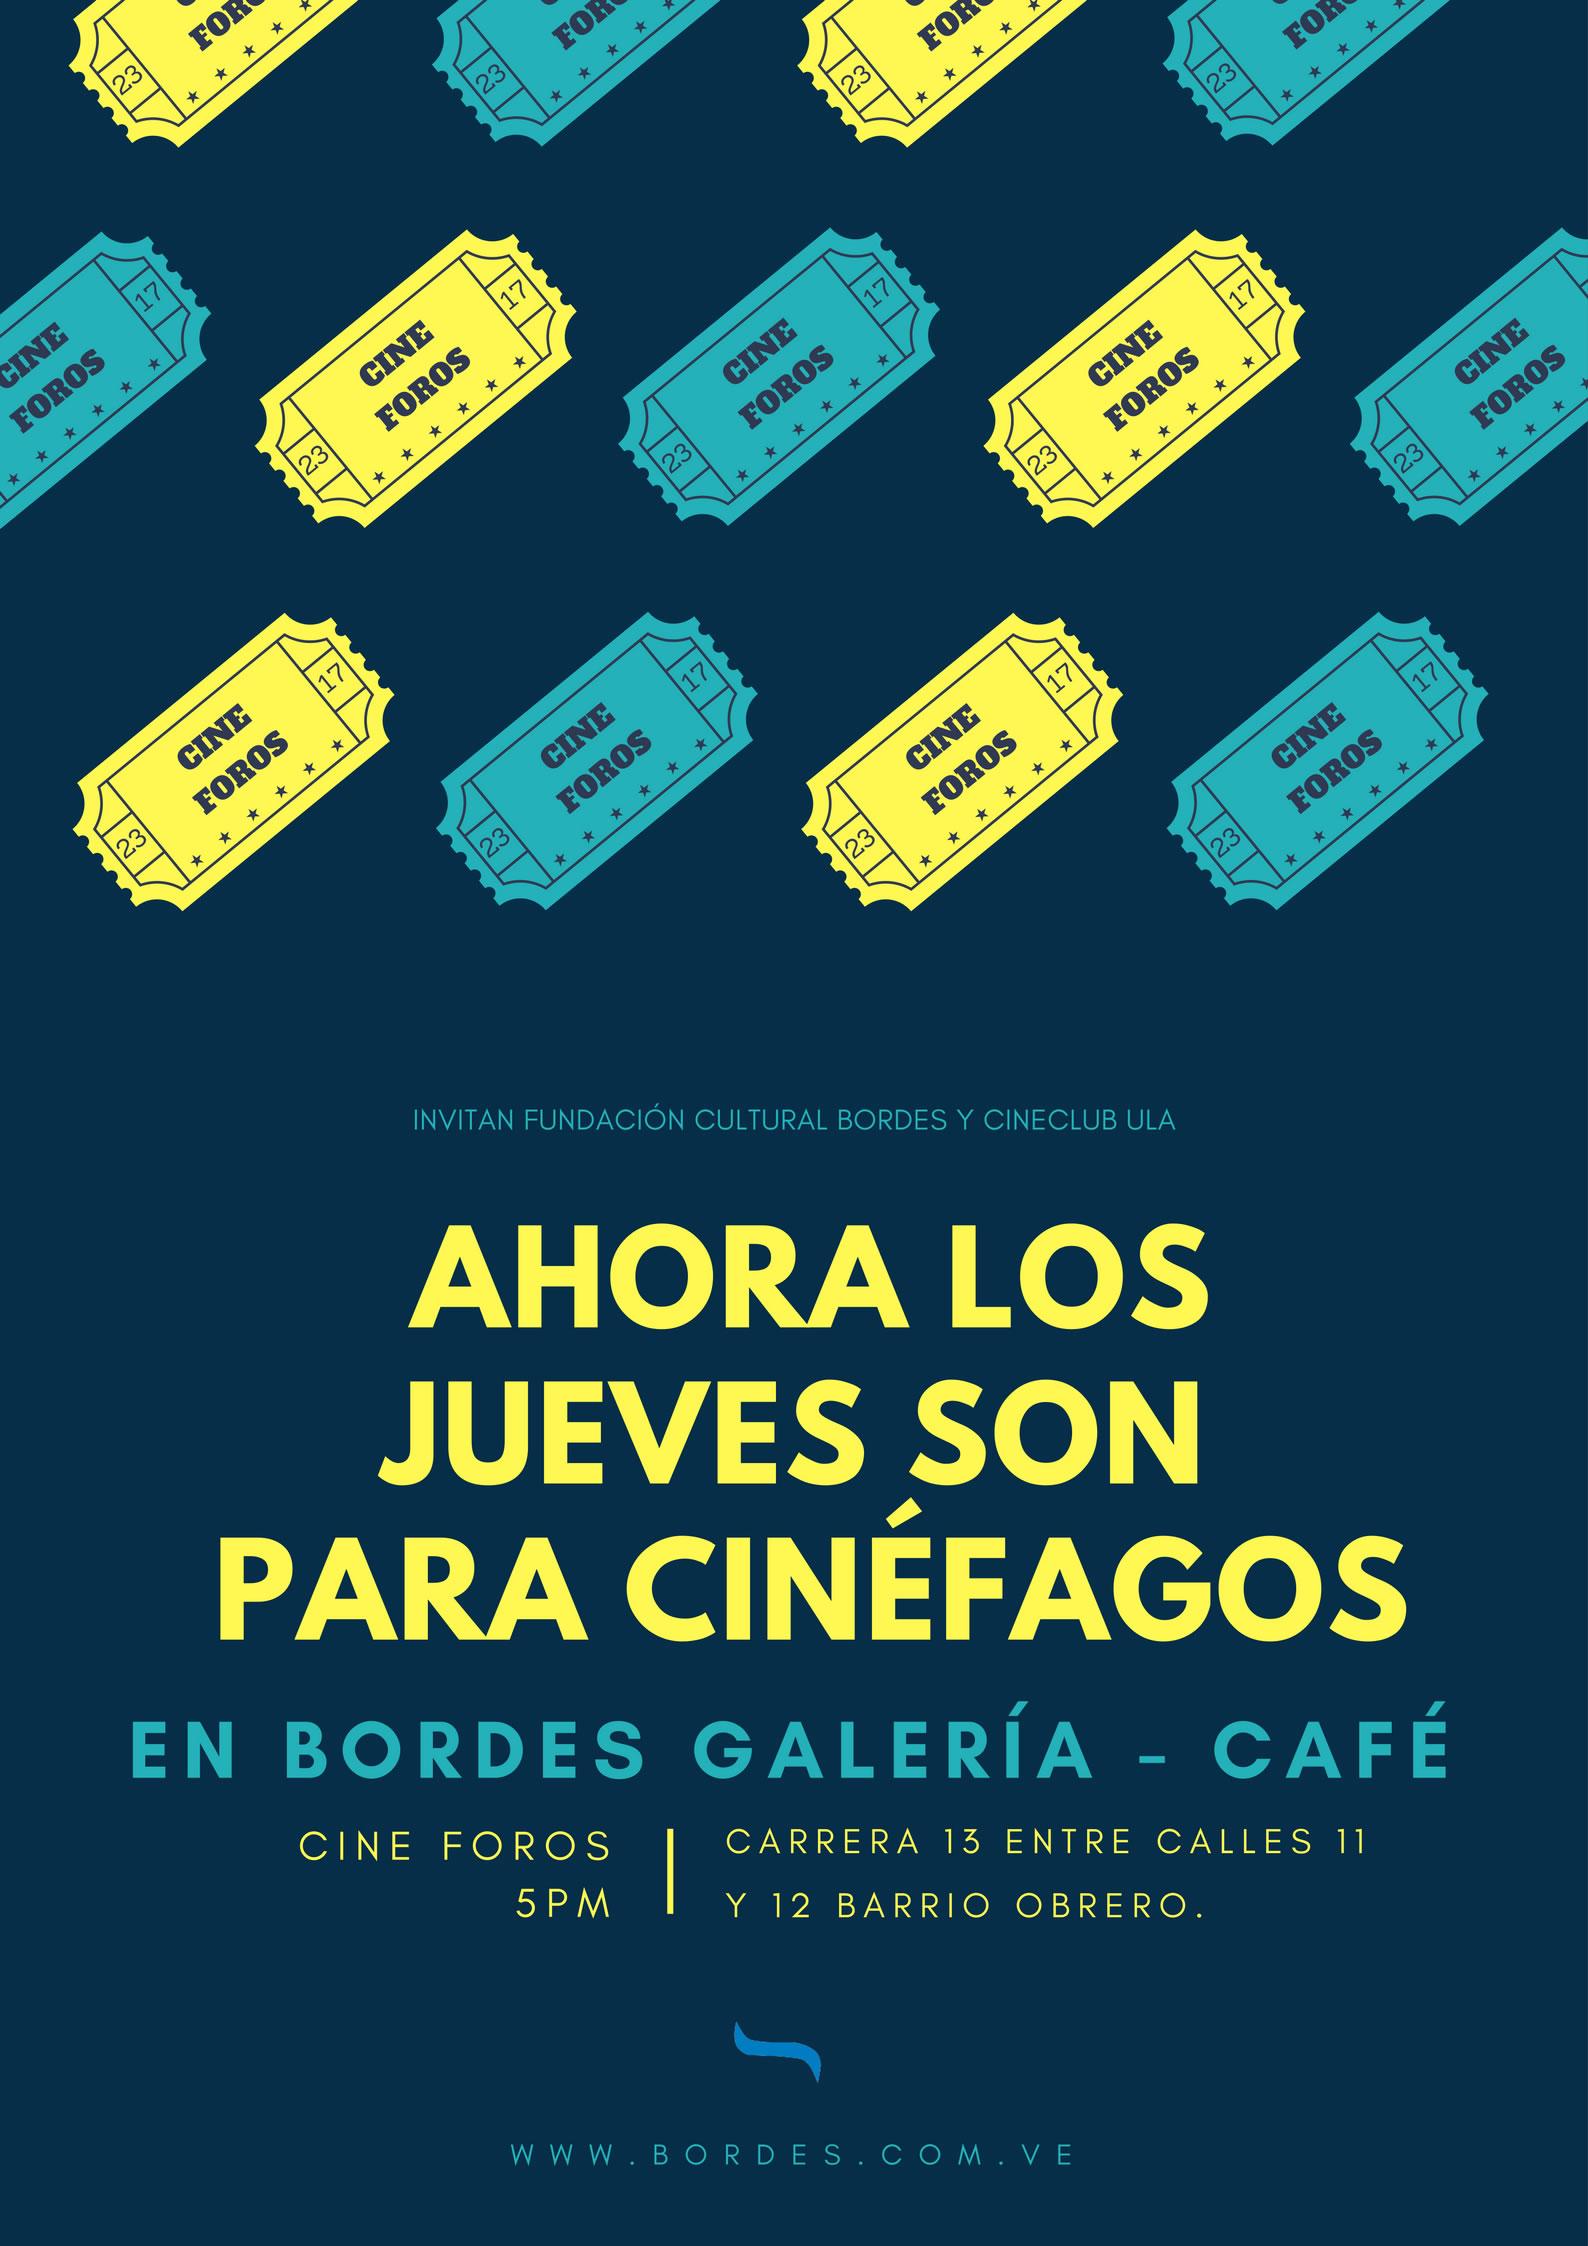 CineClub se reúne ahora los Jueves en Café Bordes